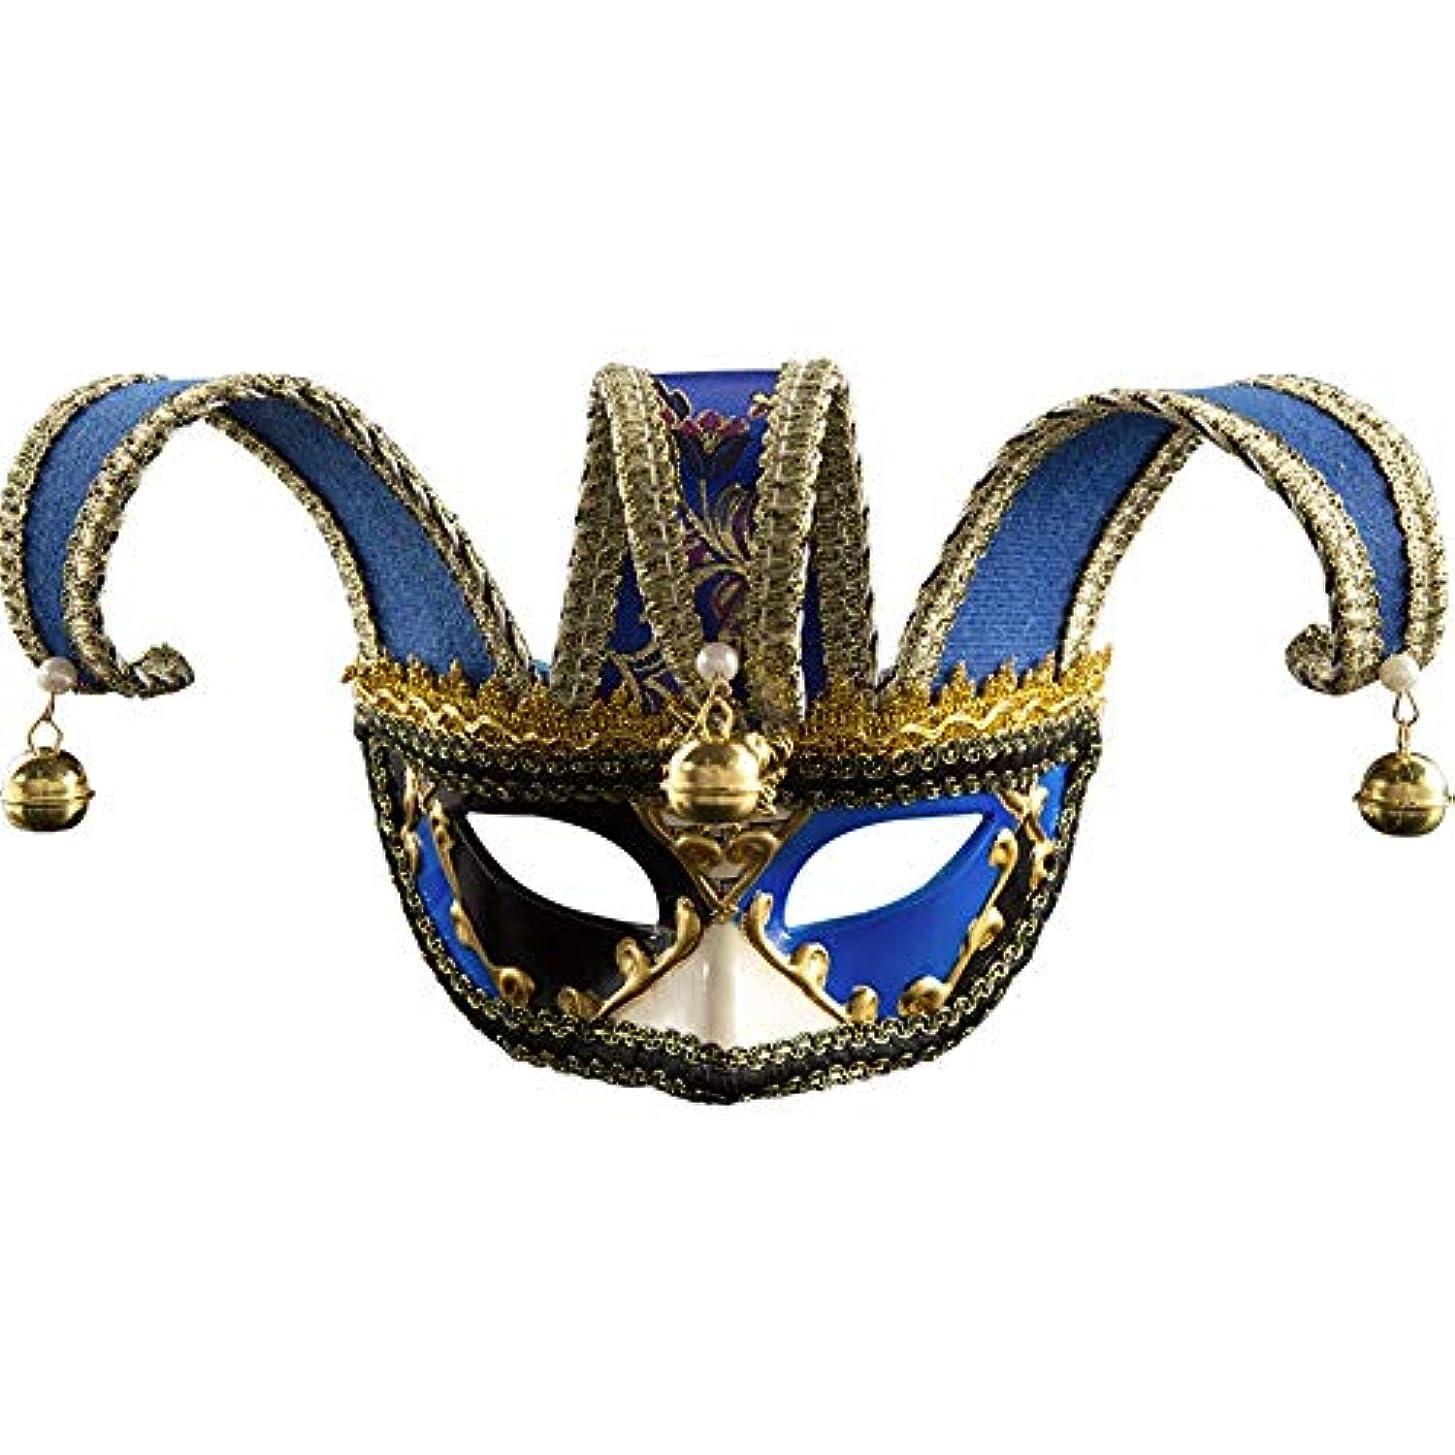 駅アダルト誇張するダンスマスク ナイトクラブ音楽カーニバルマスク雰囲気クリスマスフェスティバルプラスチックマスクイブニングパーティーボール ホリデーパーティー用品 (色 : 青, サイズ : 16.5x29cm)